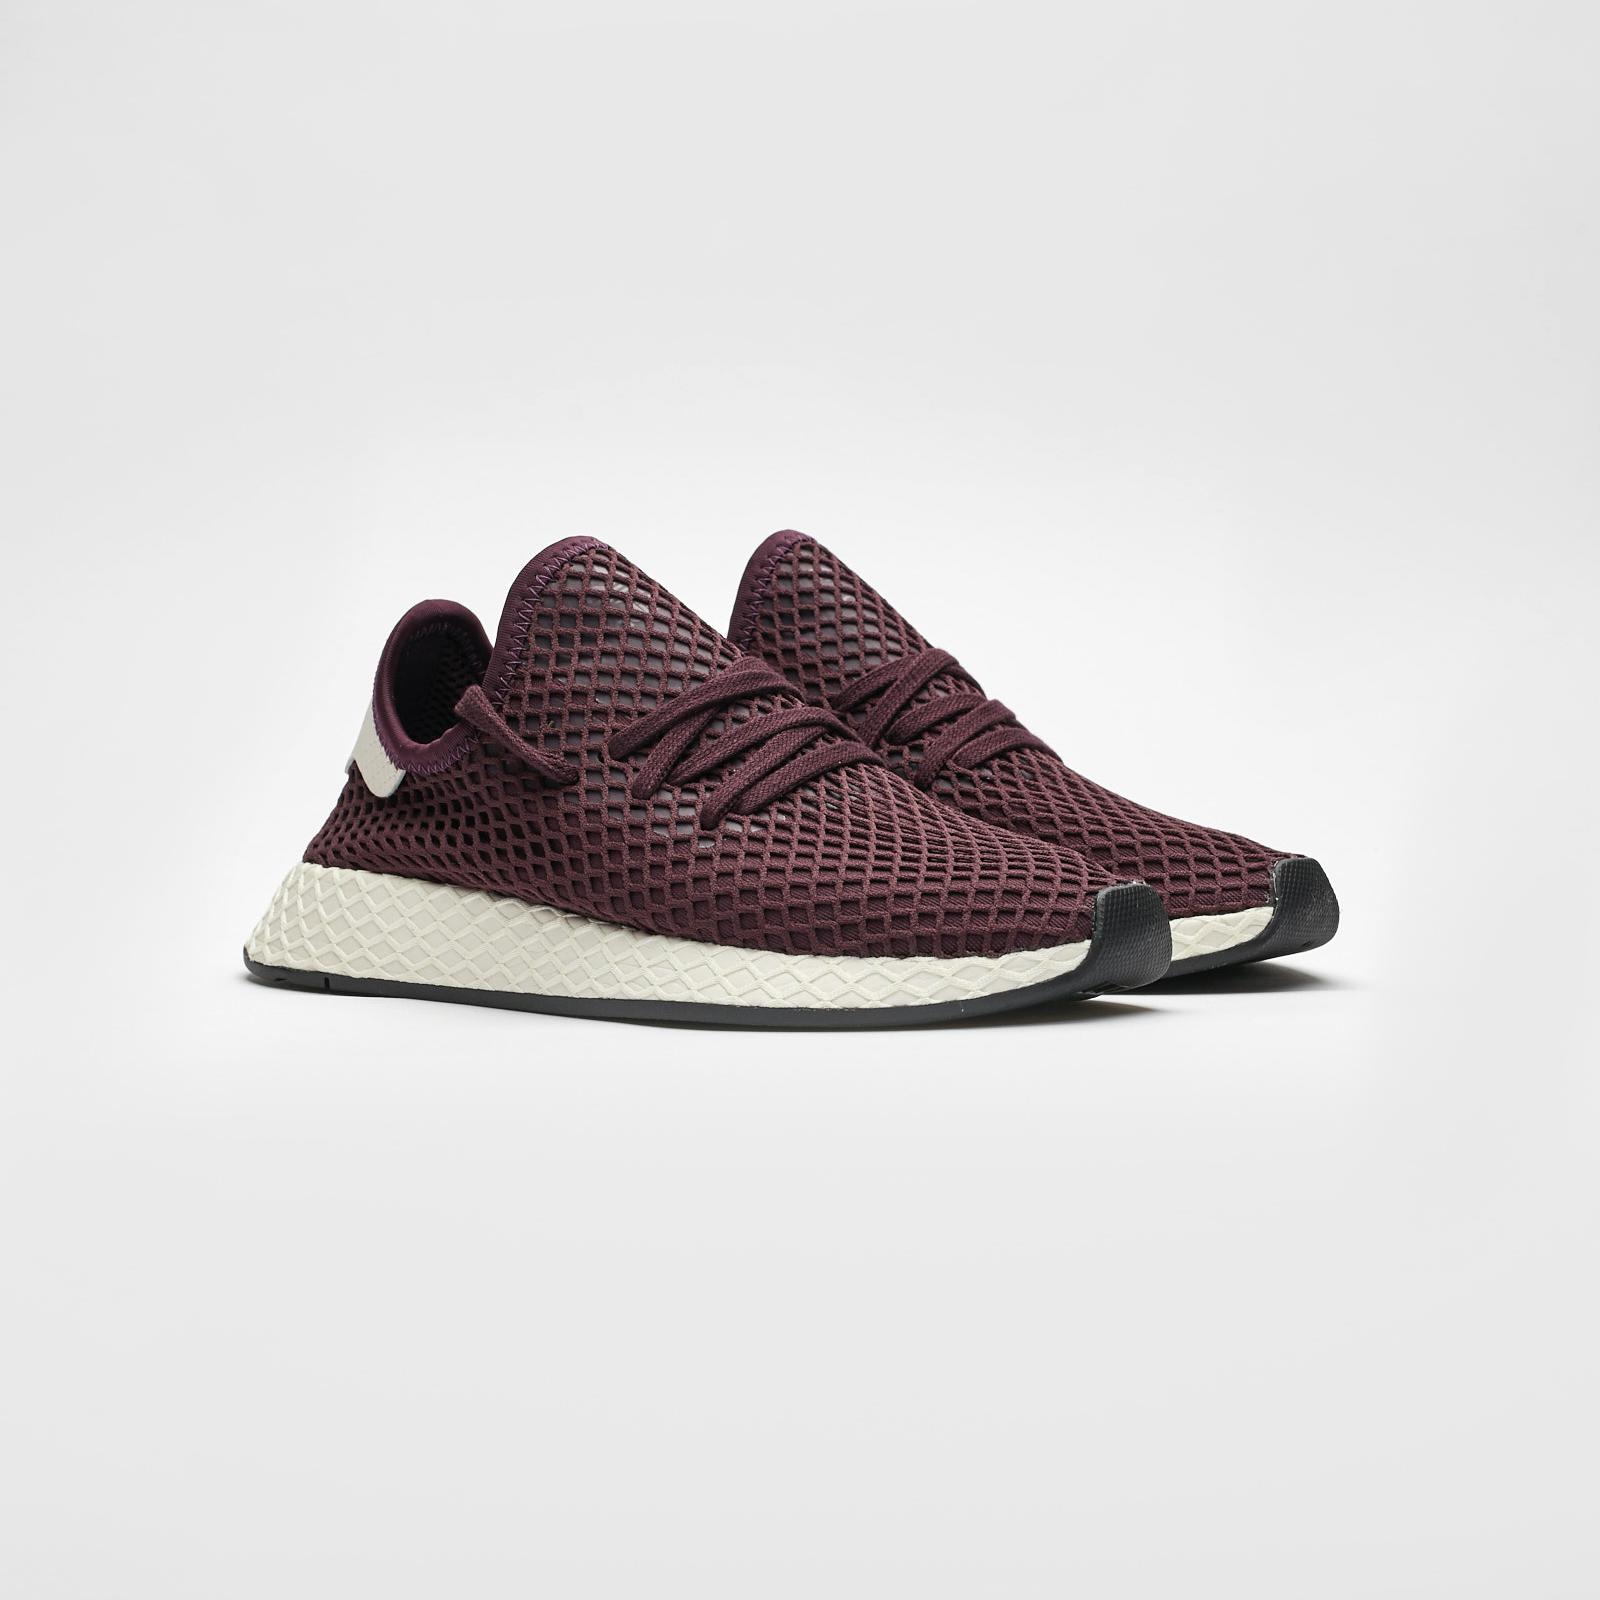 newest 494b8 40927 adidas Originals Deerupt W